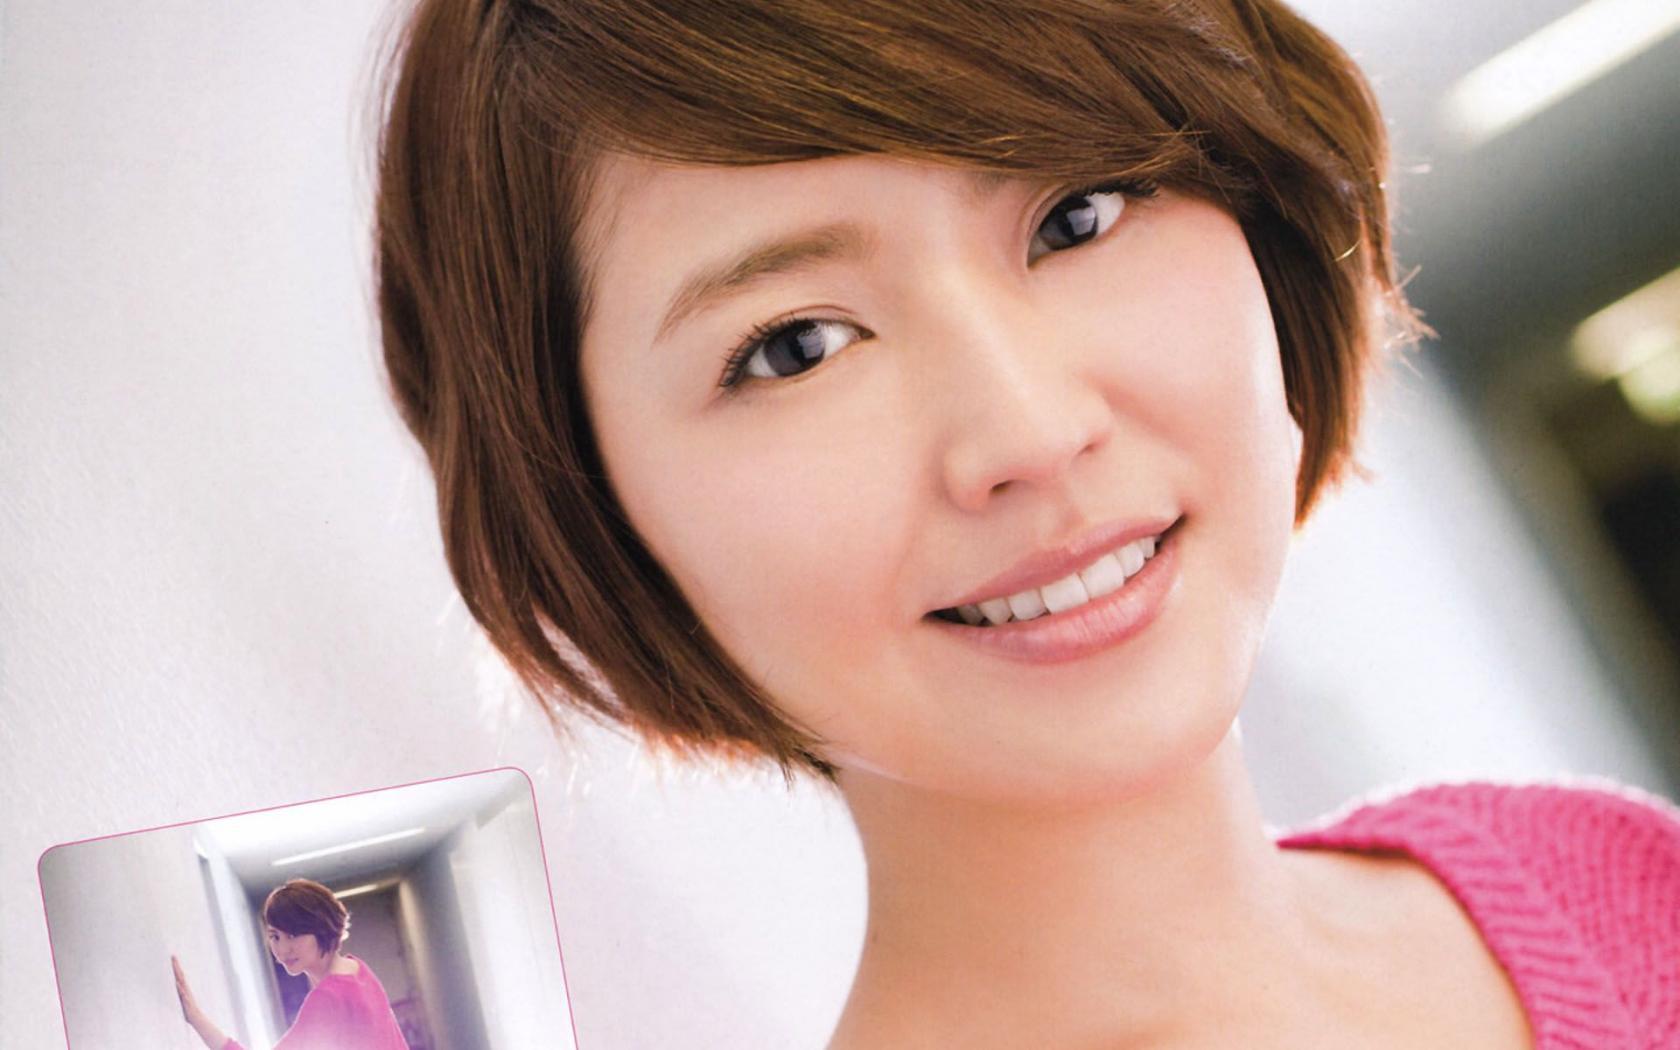 明日から使える!愛され女子【長澤まさみ風メイク術】をご紹介!のサムネイル画像